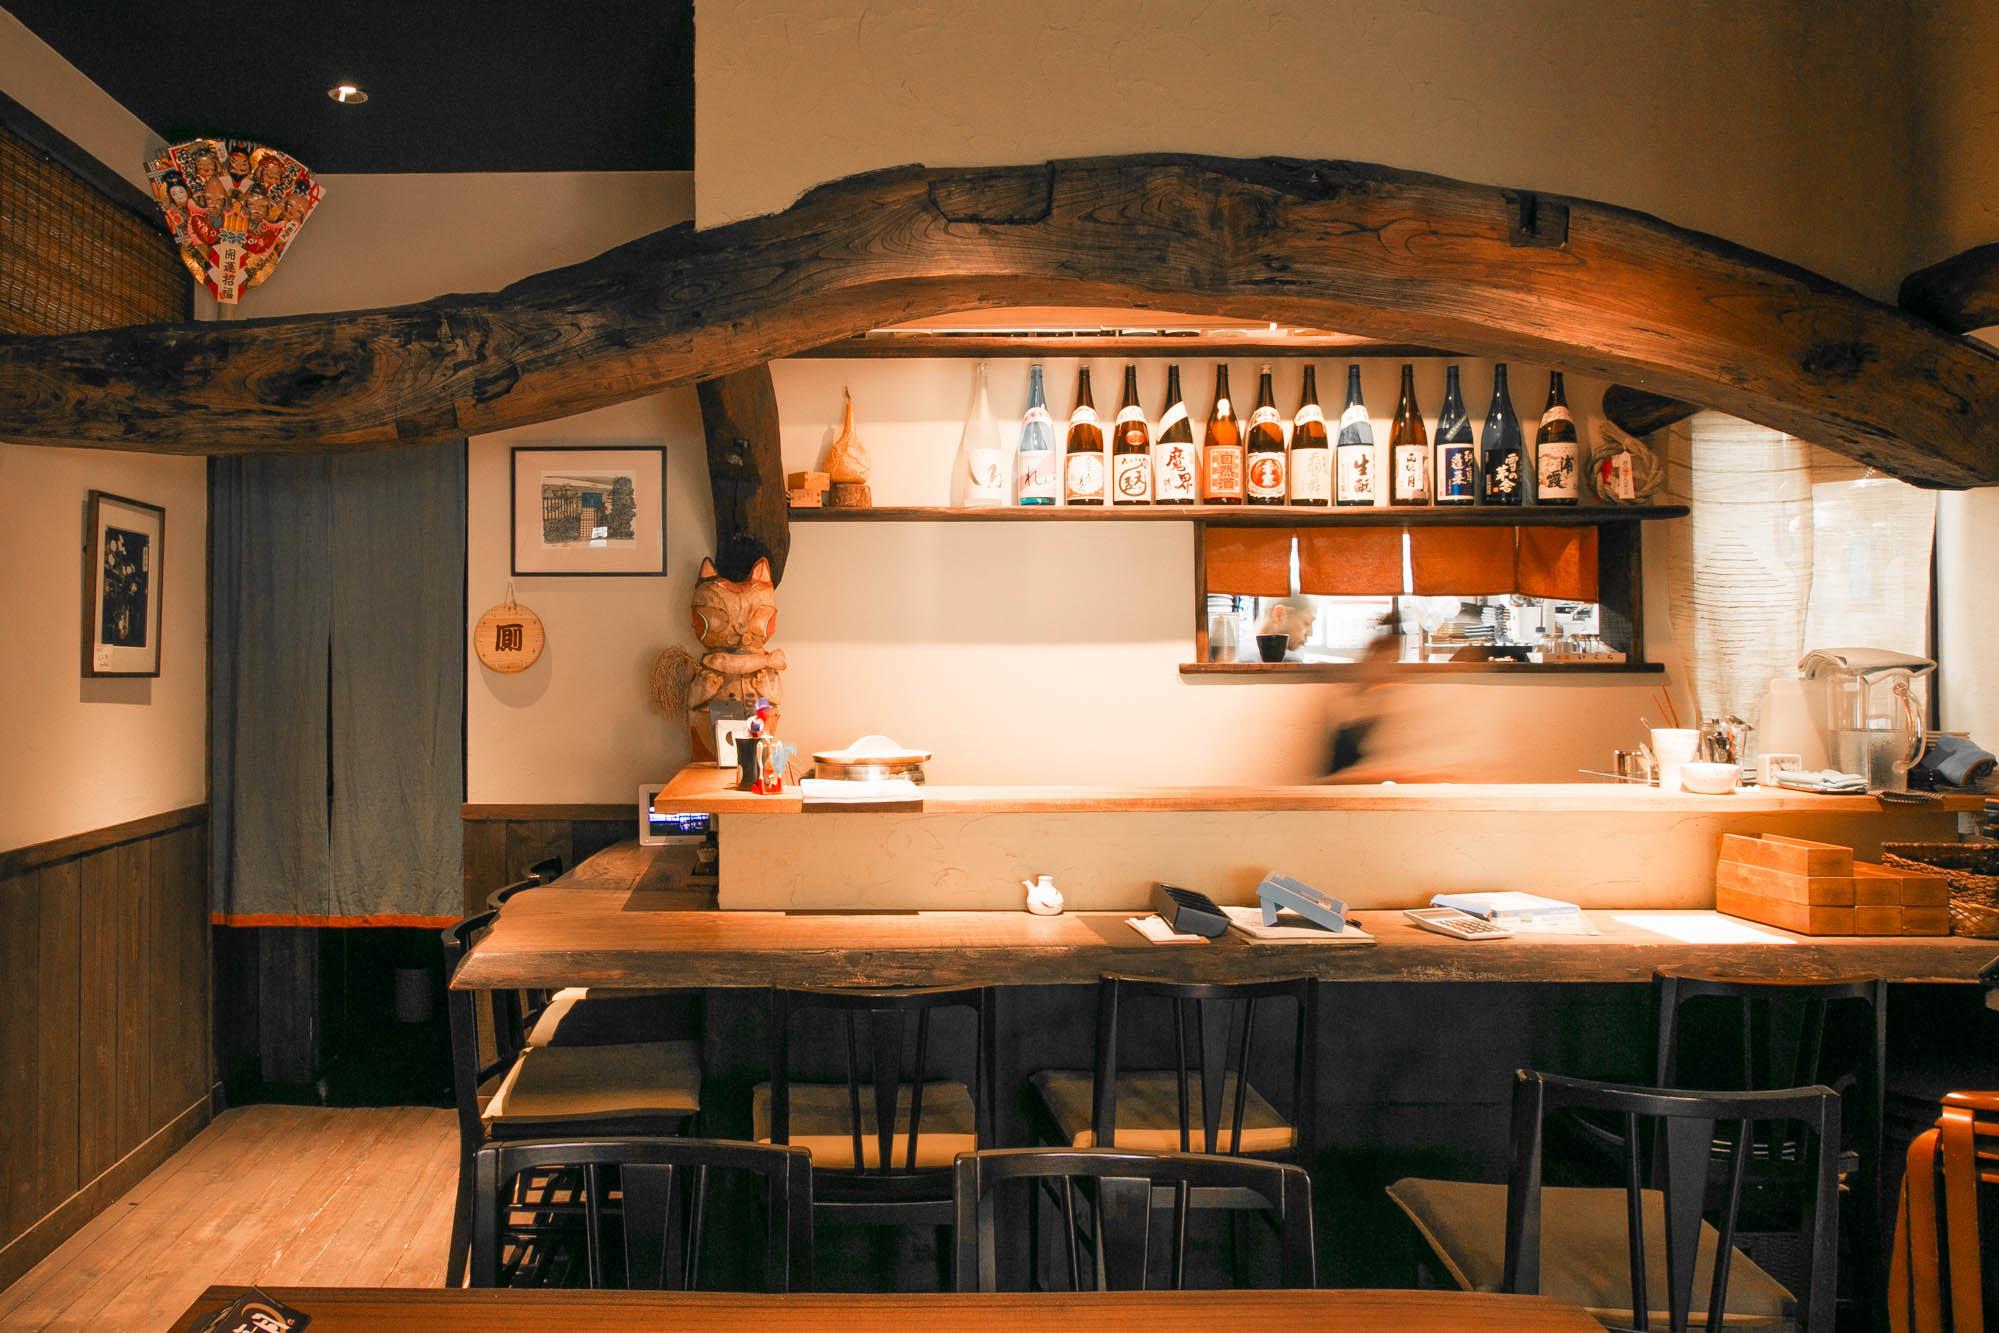 神奈川県鎌倉市のダイニングバー。ワイルドなカーブの梁は存在感たっぷり。写真提供:井口製材所